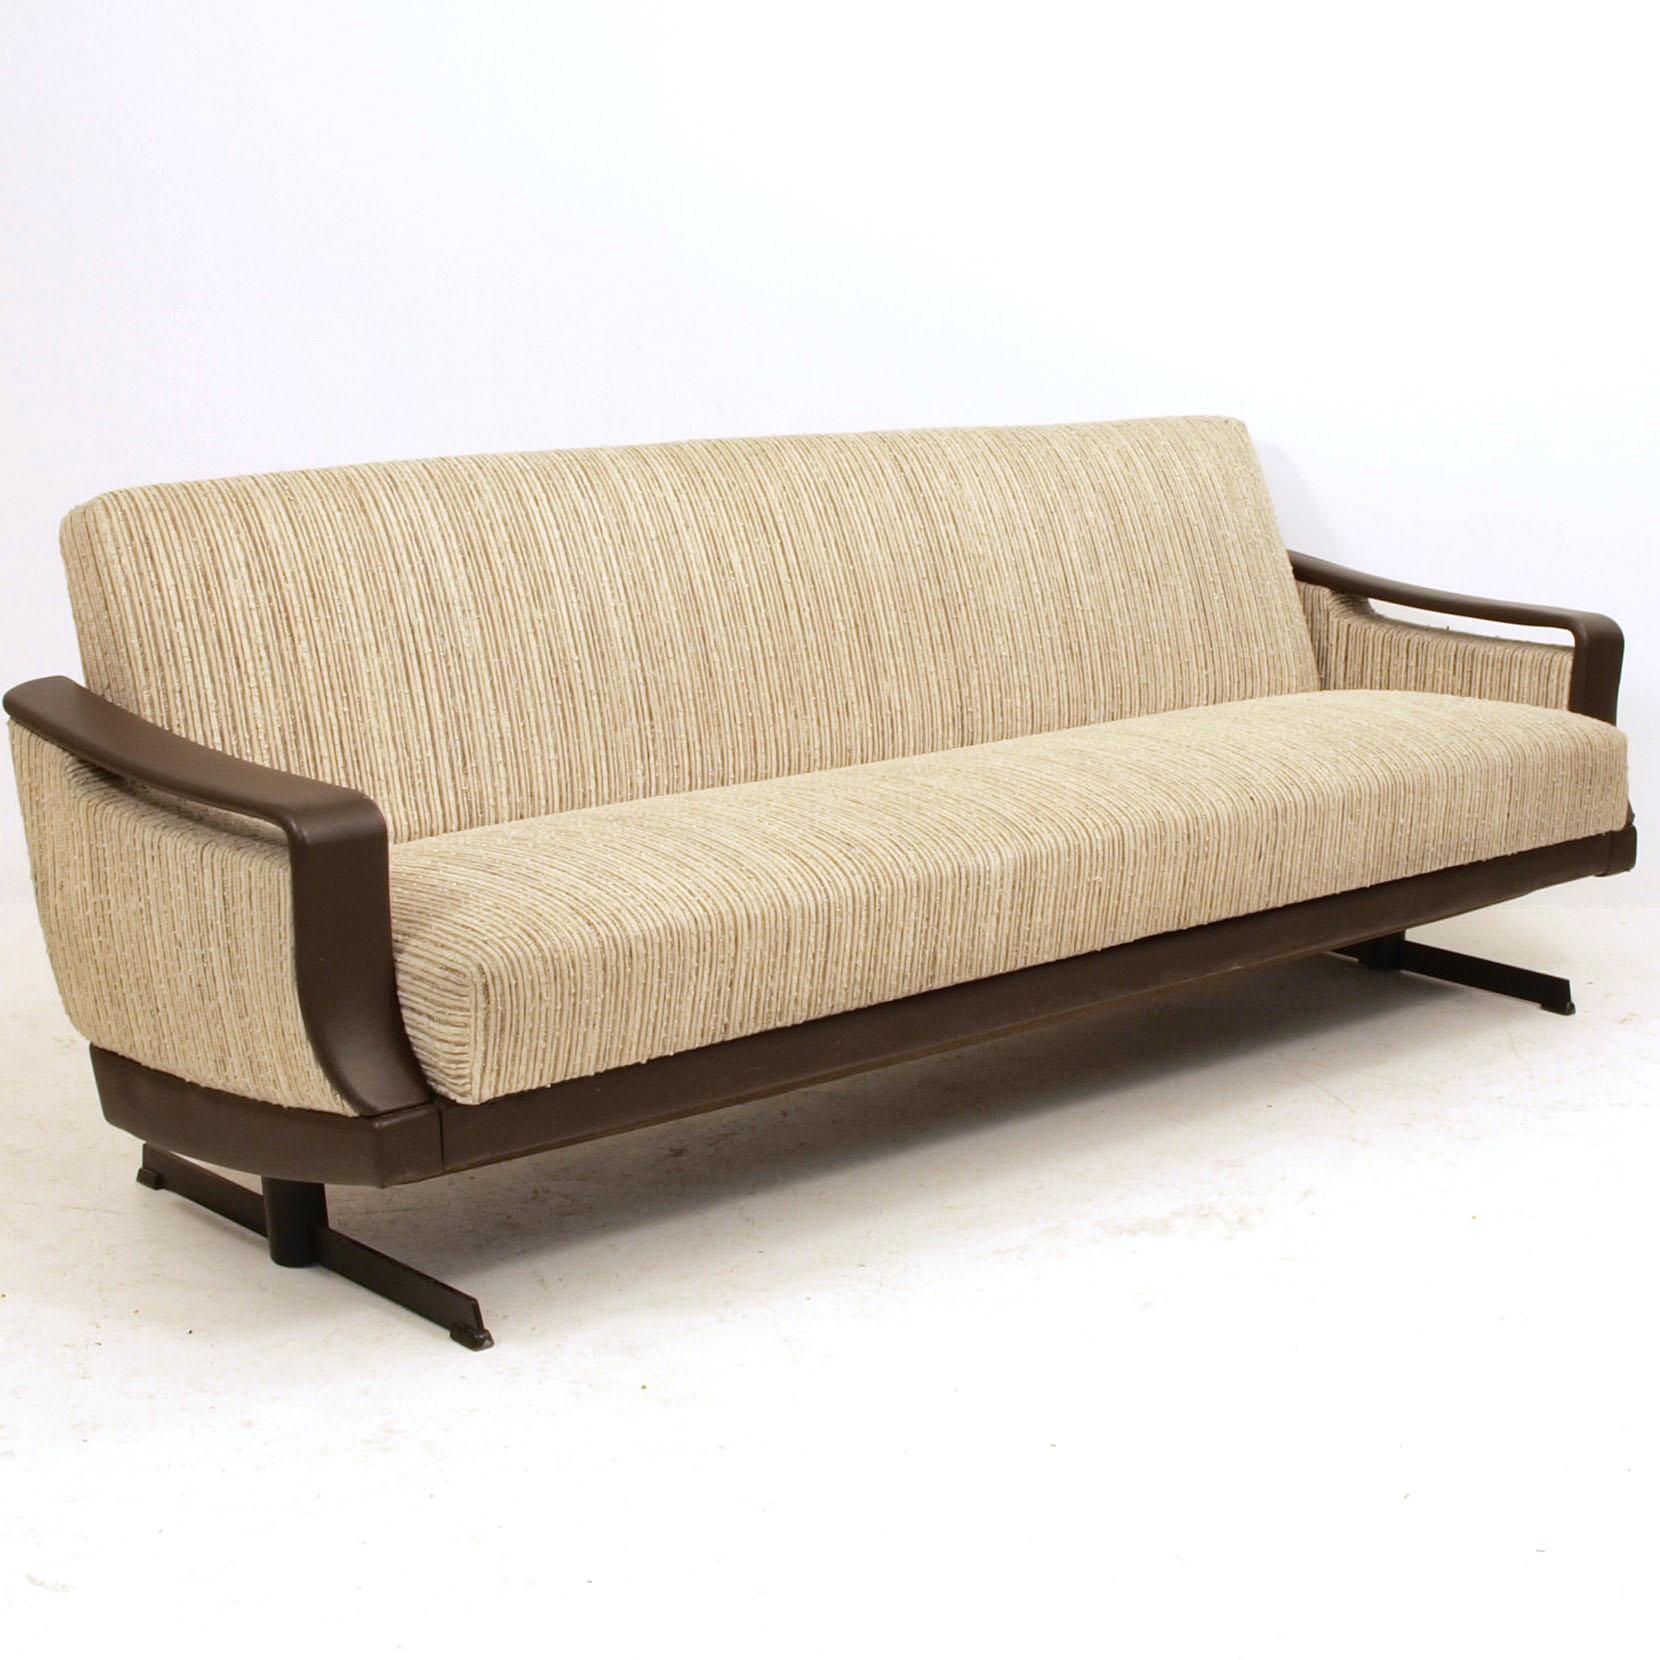 bettsofa der 1960 jahre m bel z rich vintagem bel. Black Bedroom Furniture Sets. Home Design Ideas